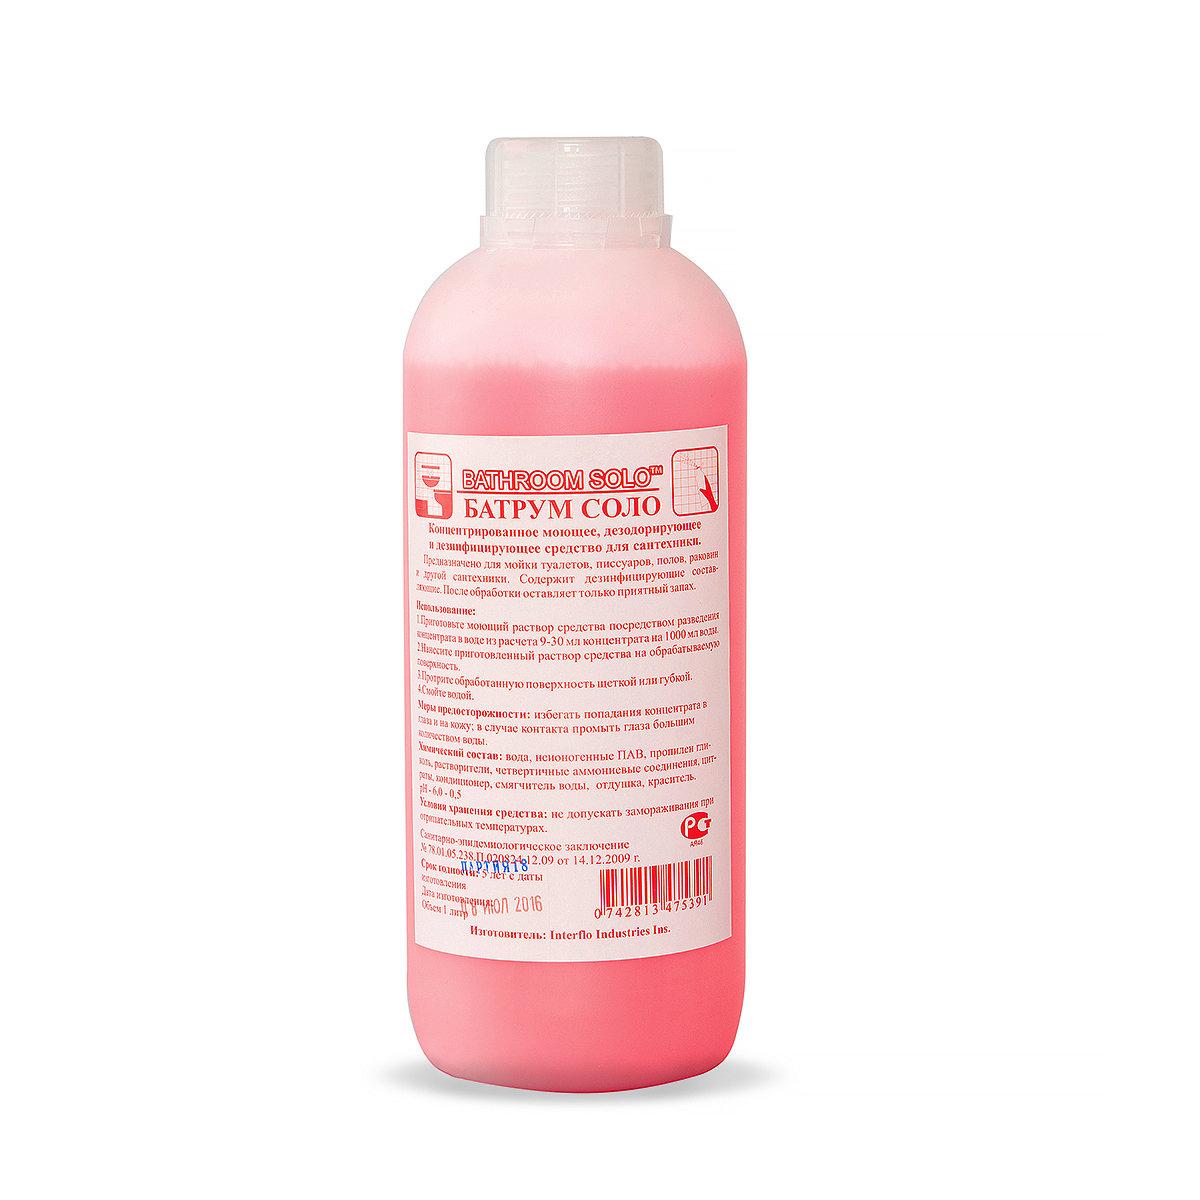 БАТРУМ СОЛО (моющее и дезодорирующее средство для сантехники)